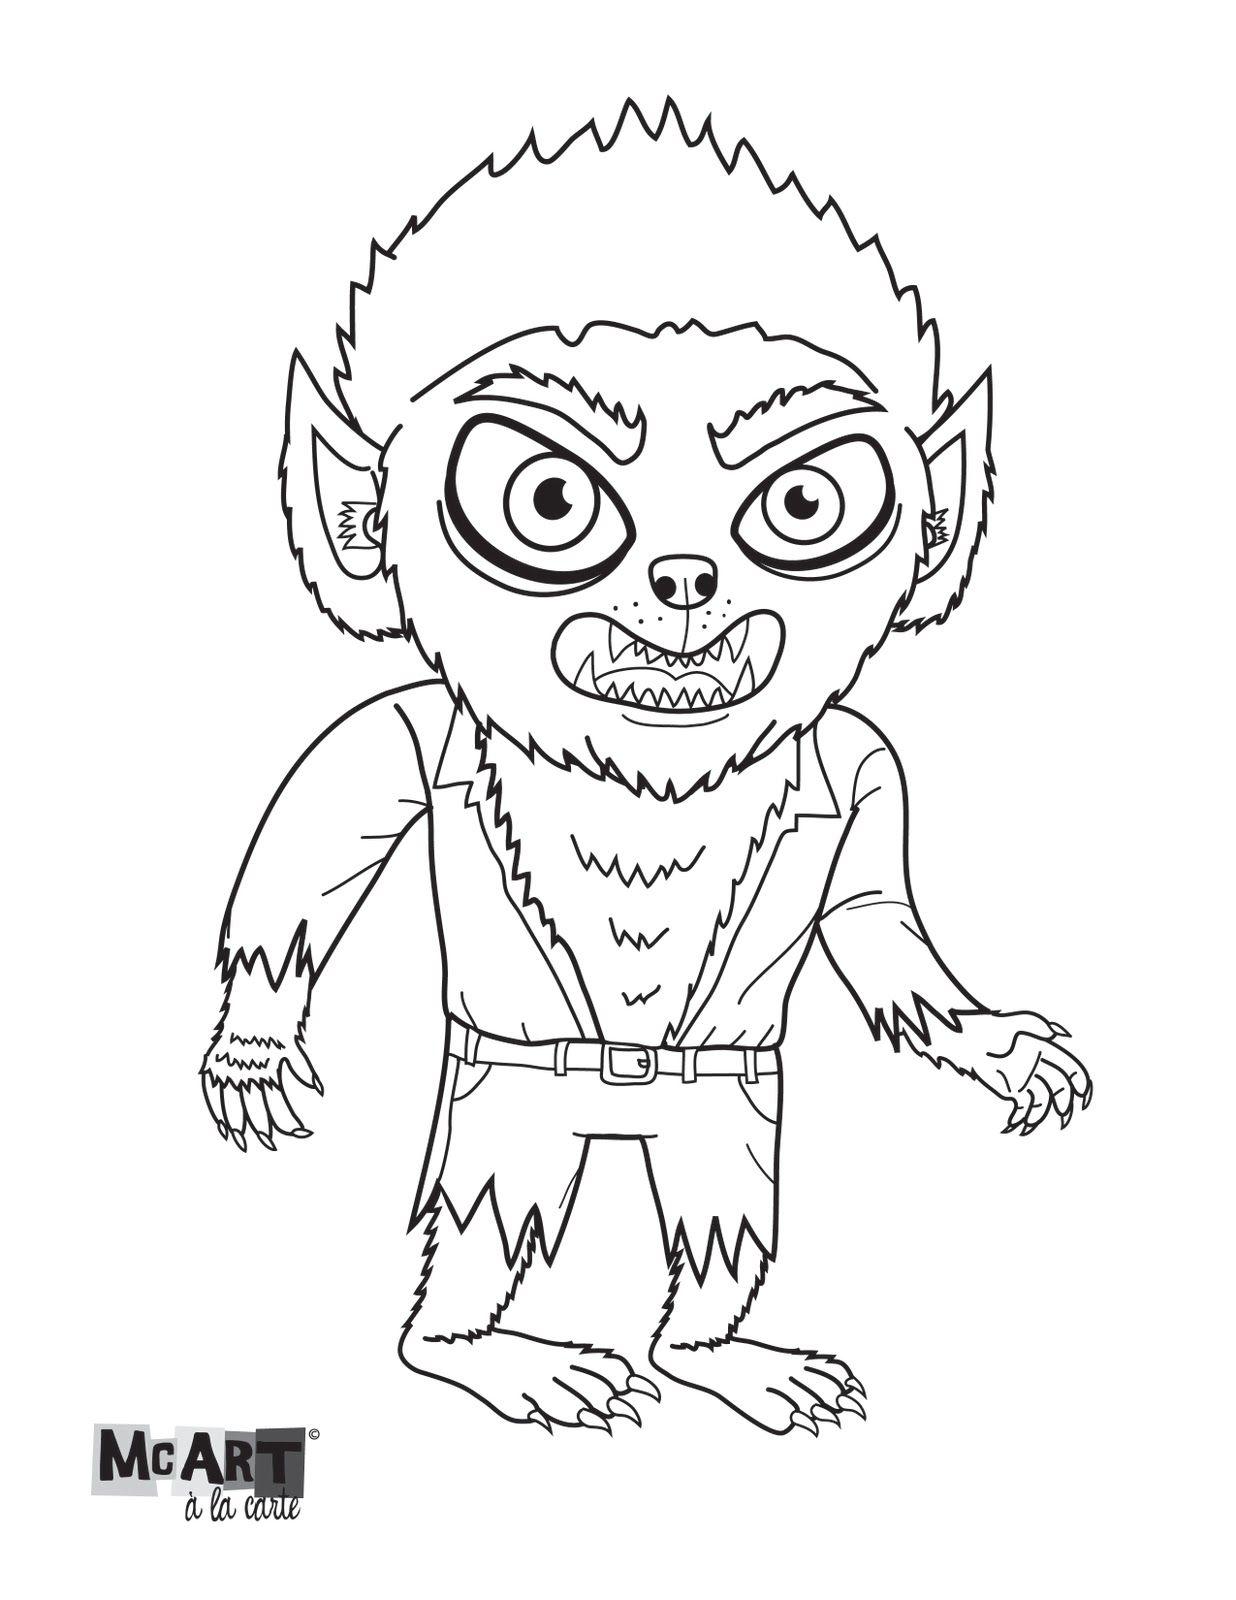 McArt à la Carte: Wolfman coloring page! | Coloring Pages ...